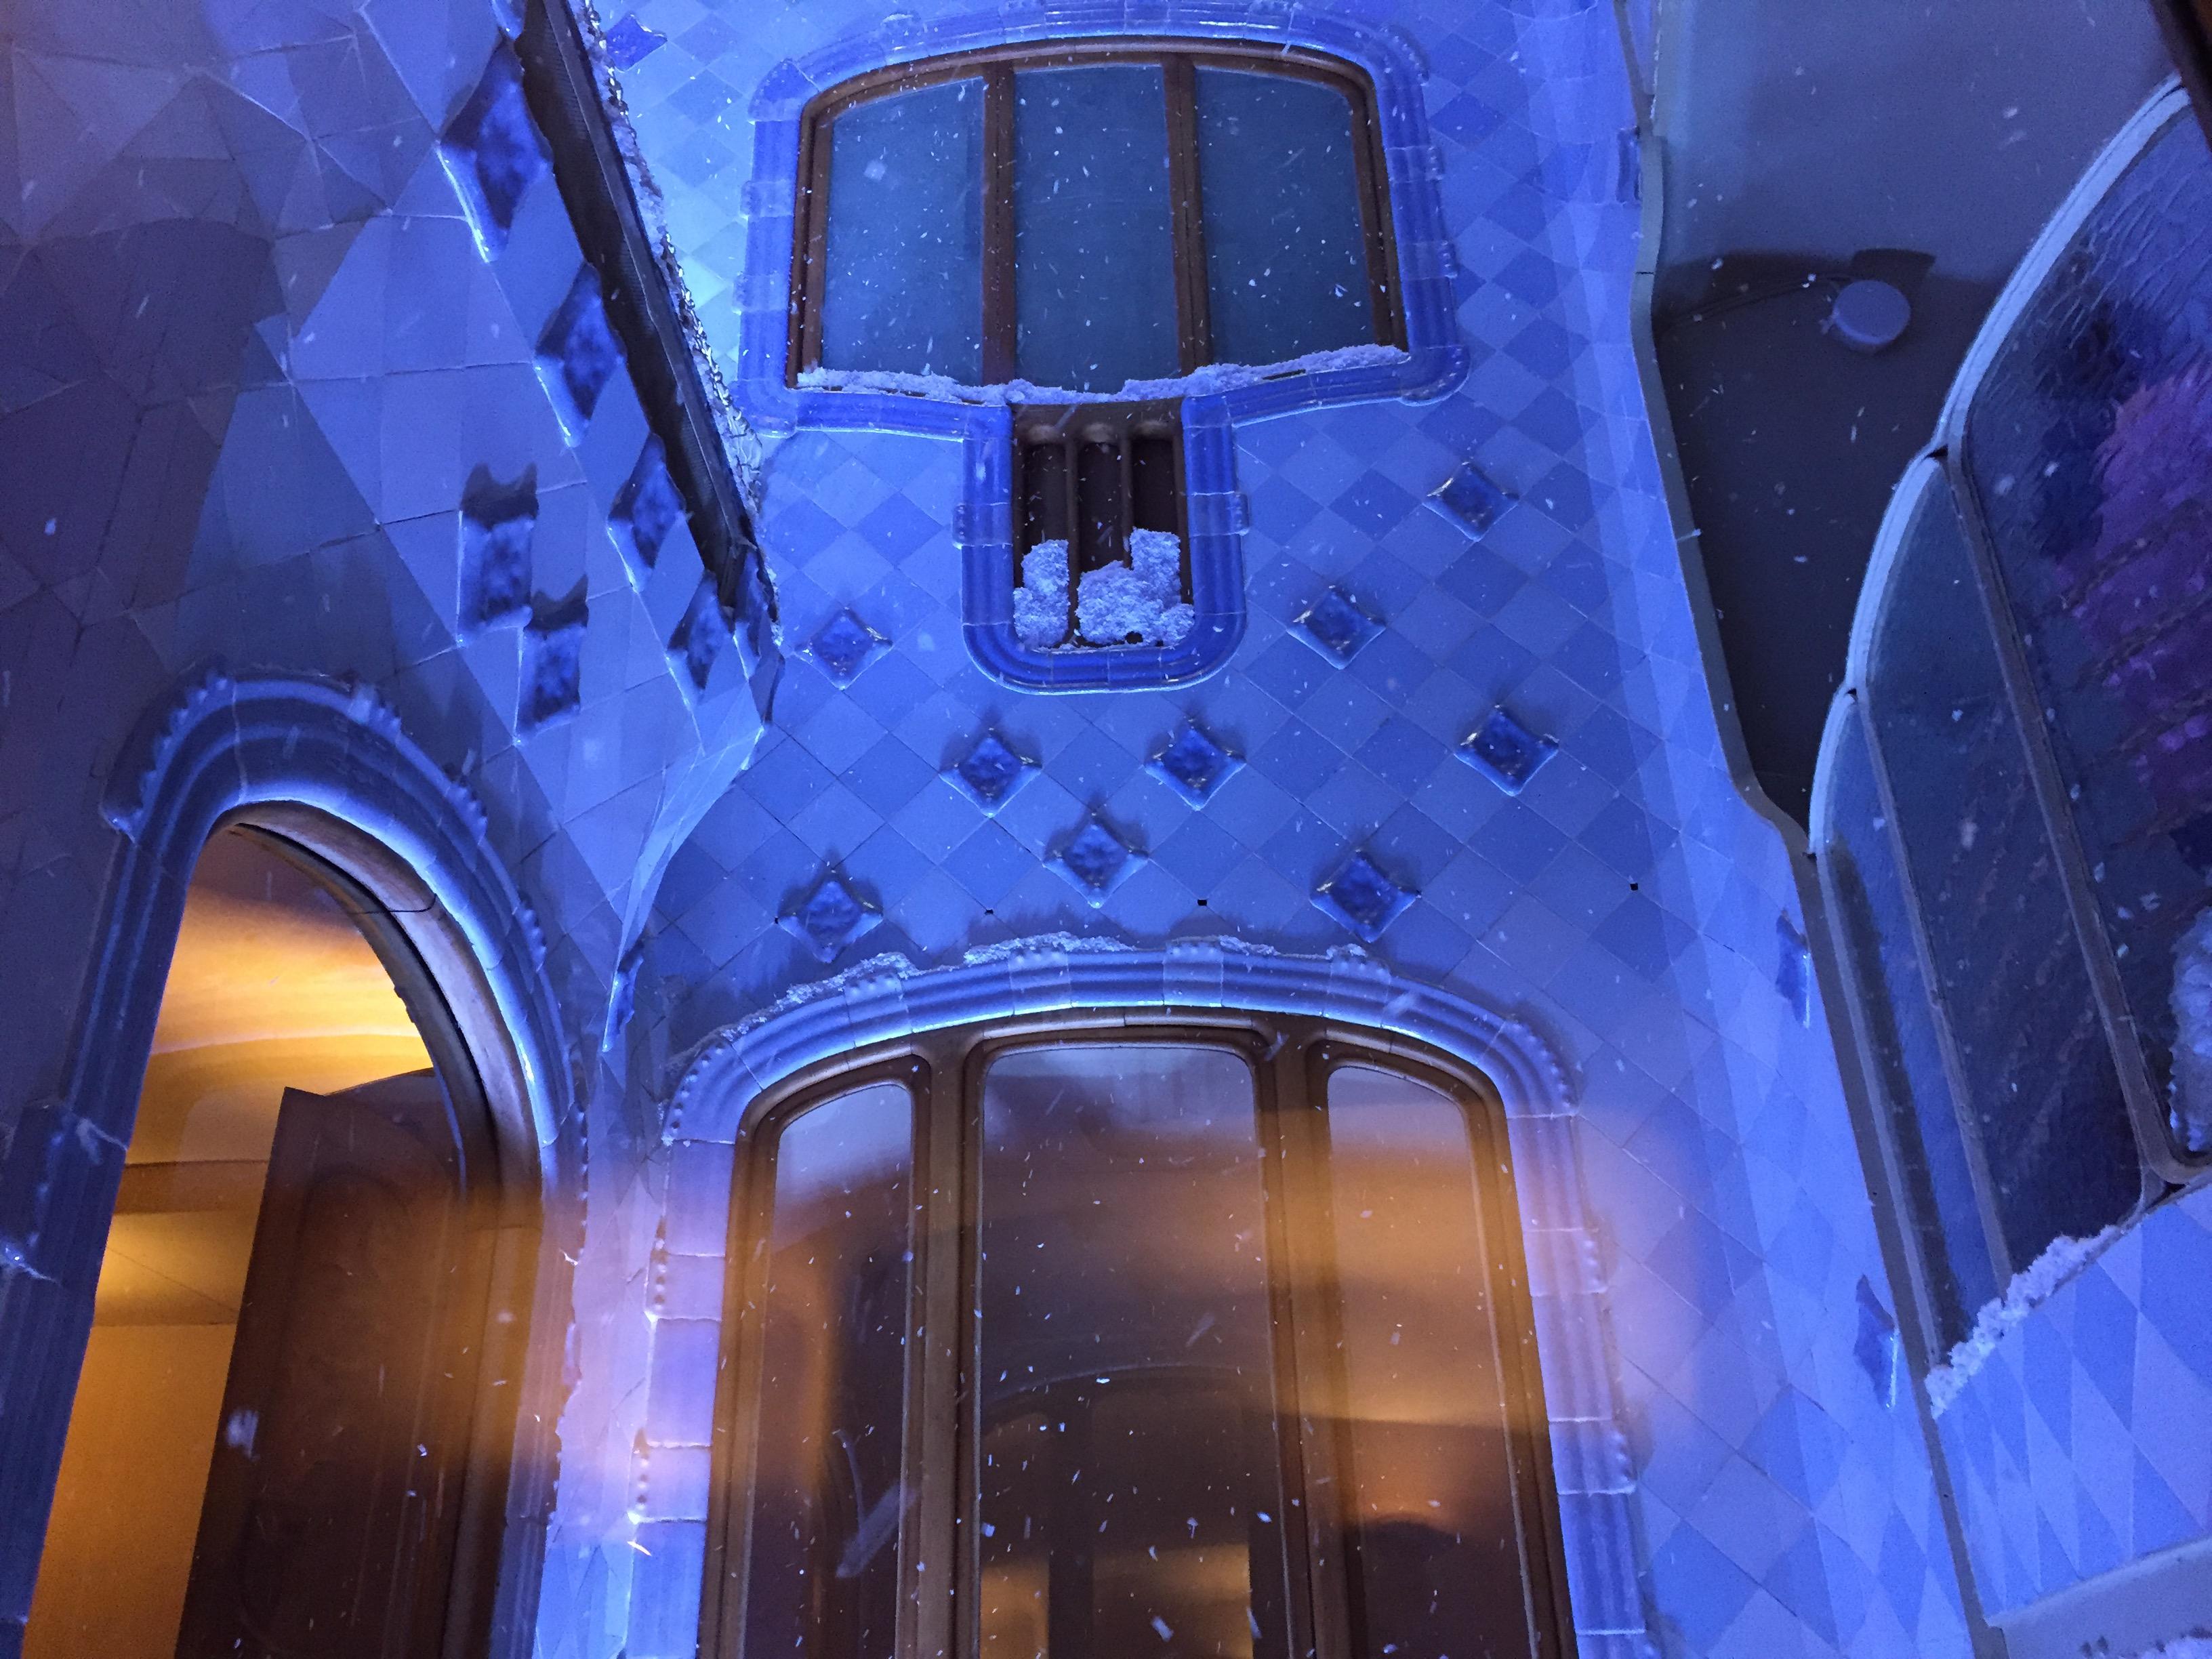 IMG 0856 - Visita a la Casa Batlló en Barcelona Parte II/II